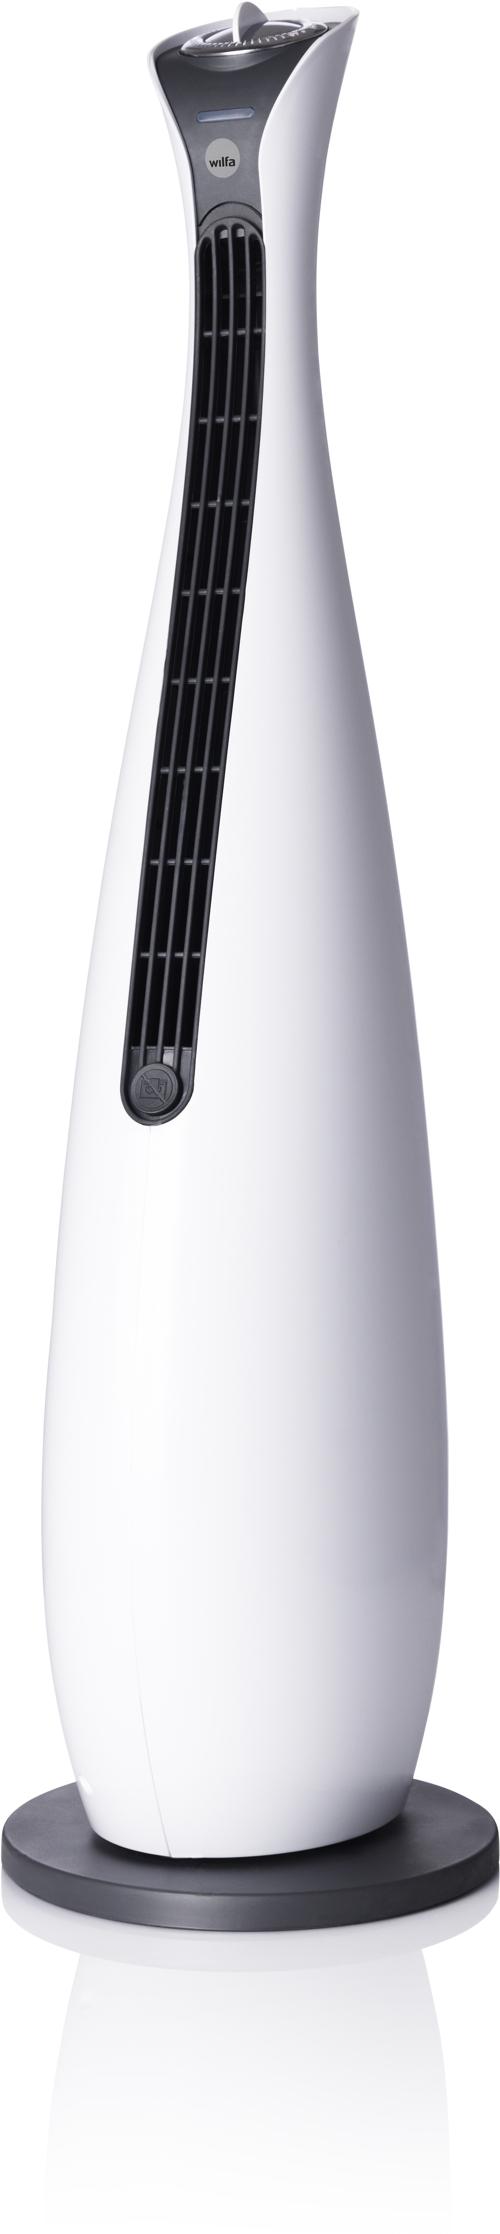 Wilfa TFH-2000W